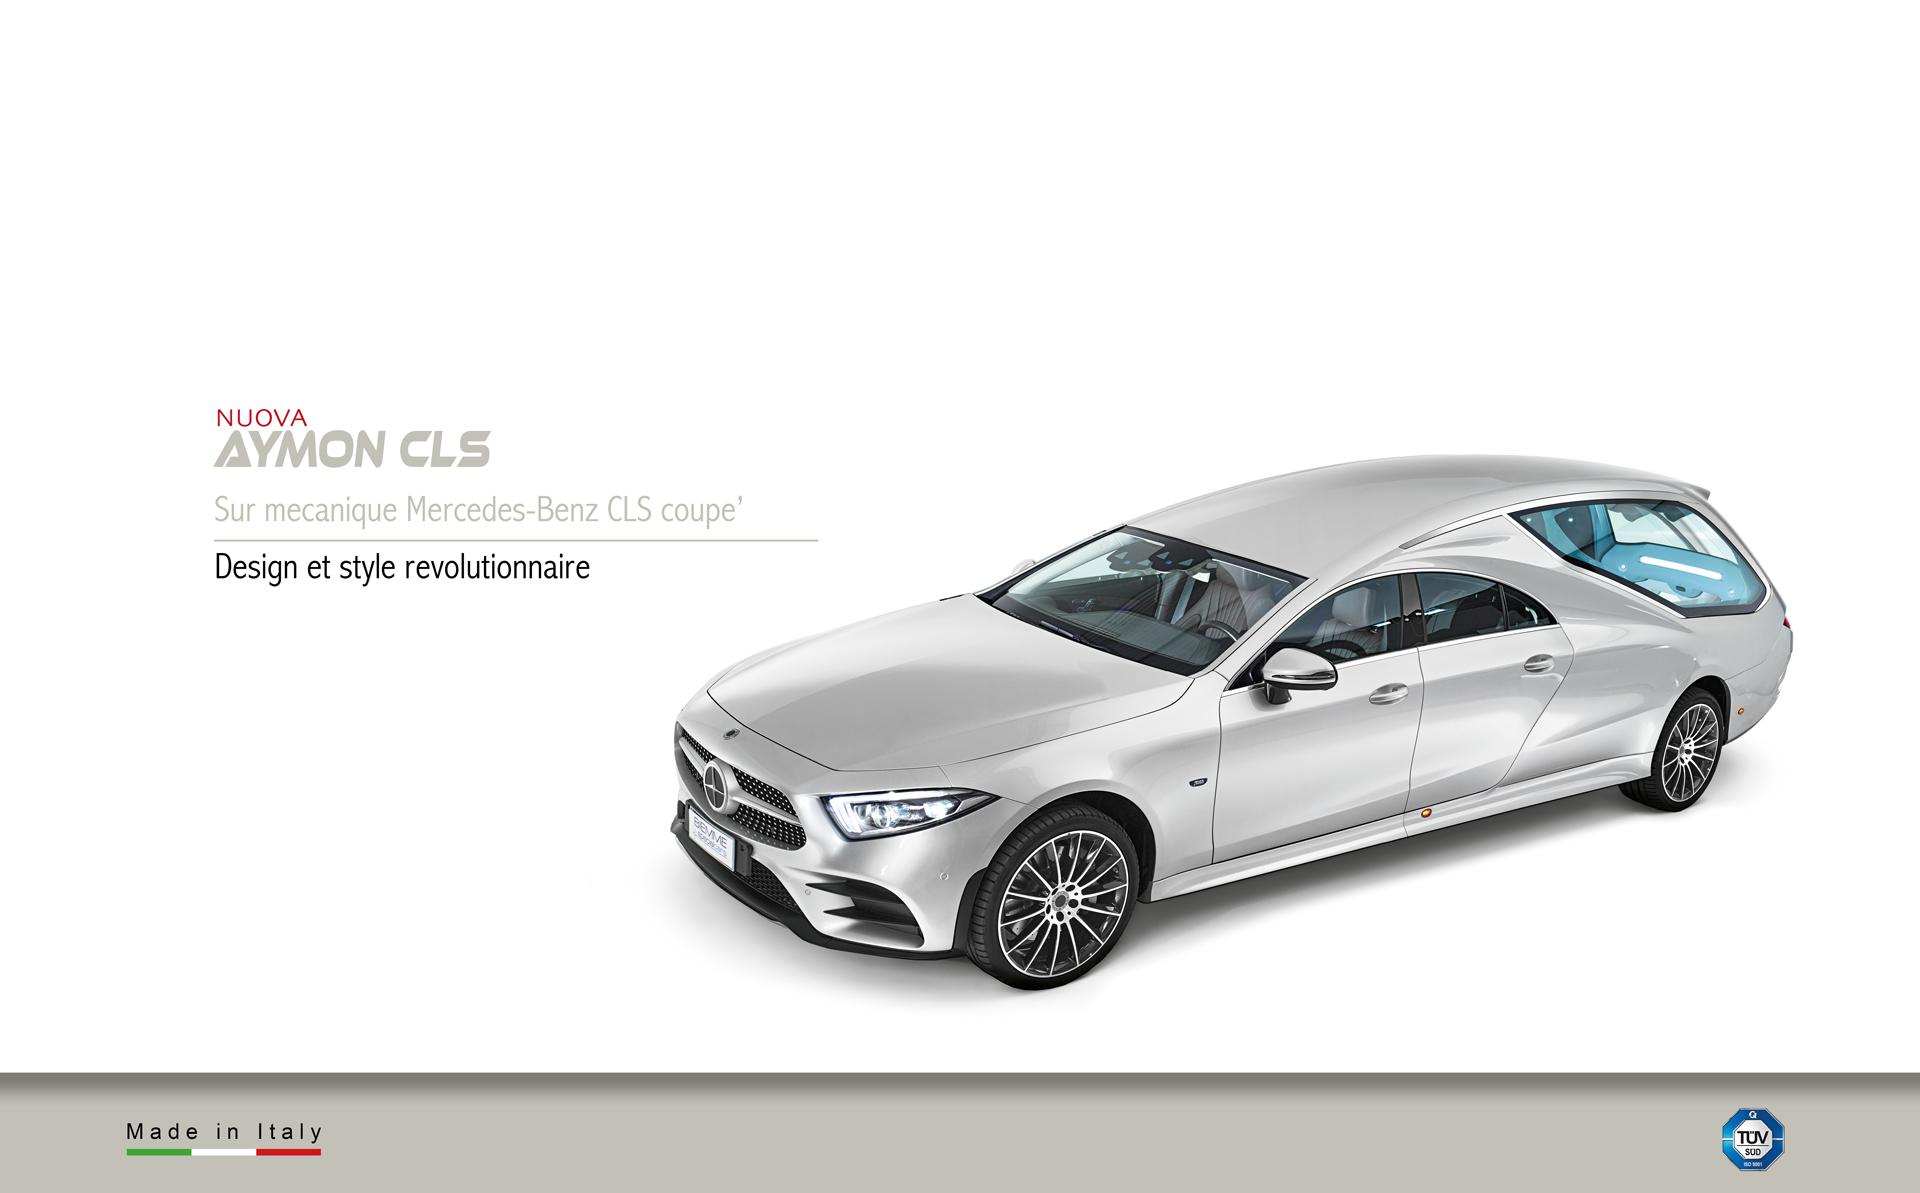 Corbillard sur mecanique Mercedes-Benz Cls Coupè